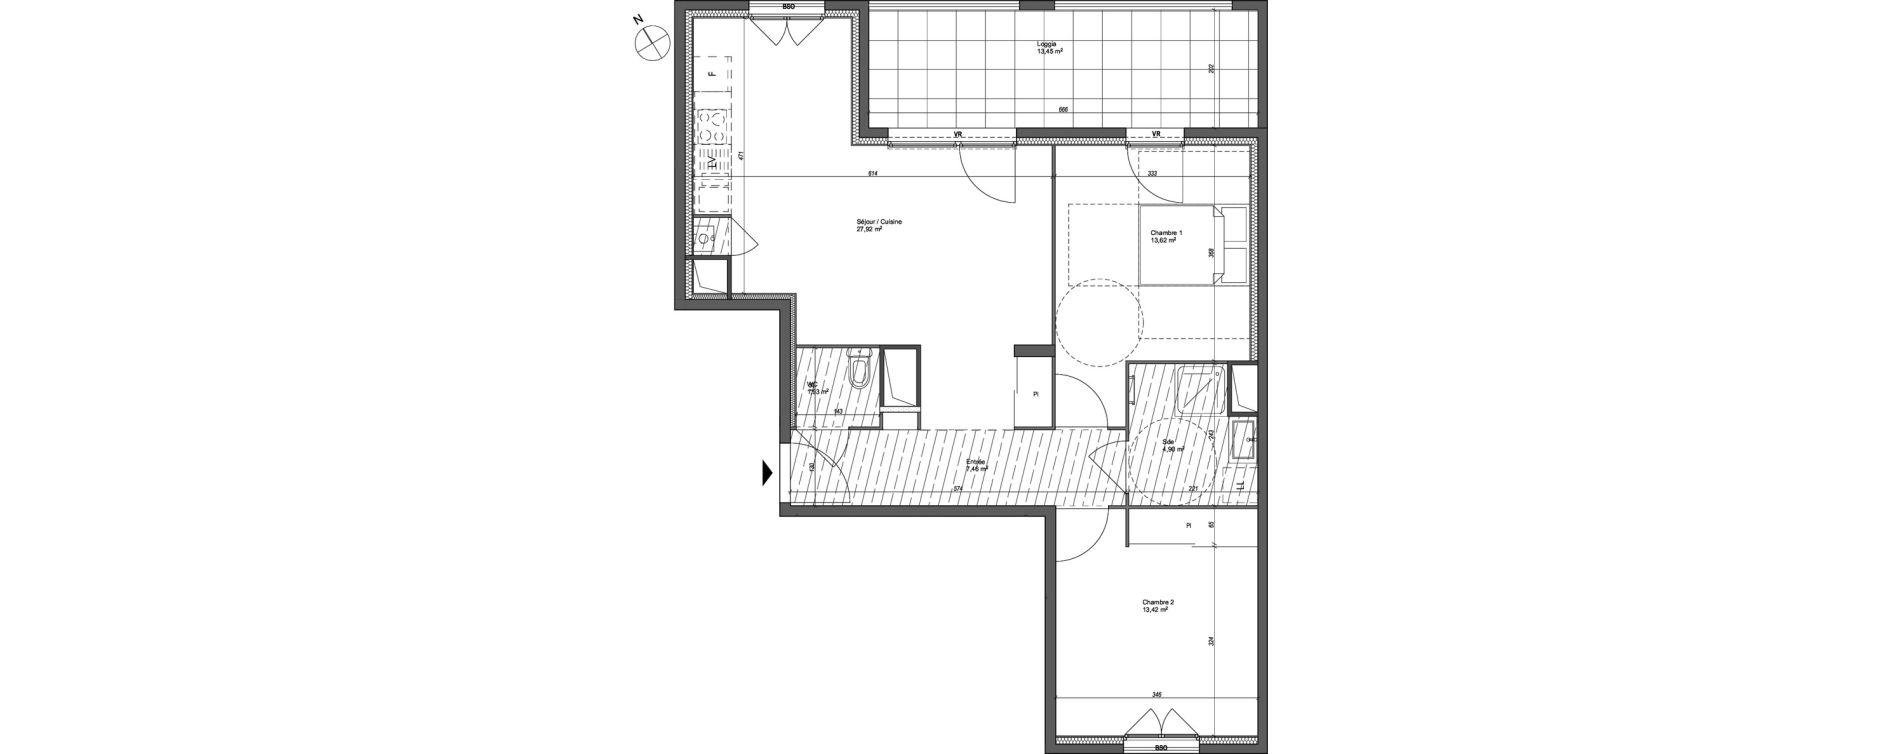 Appartement T3 de 69,25 m2 à Lyon Santy - la plaine (8eme)